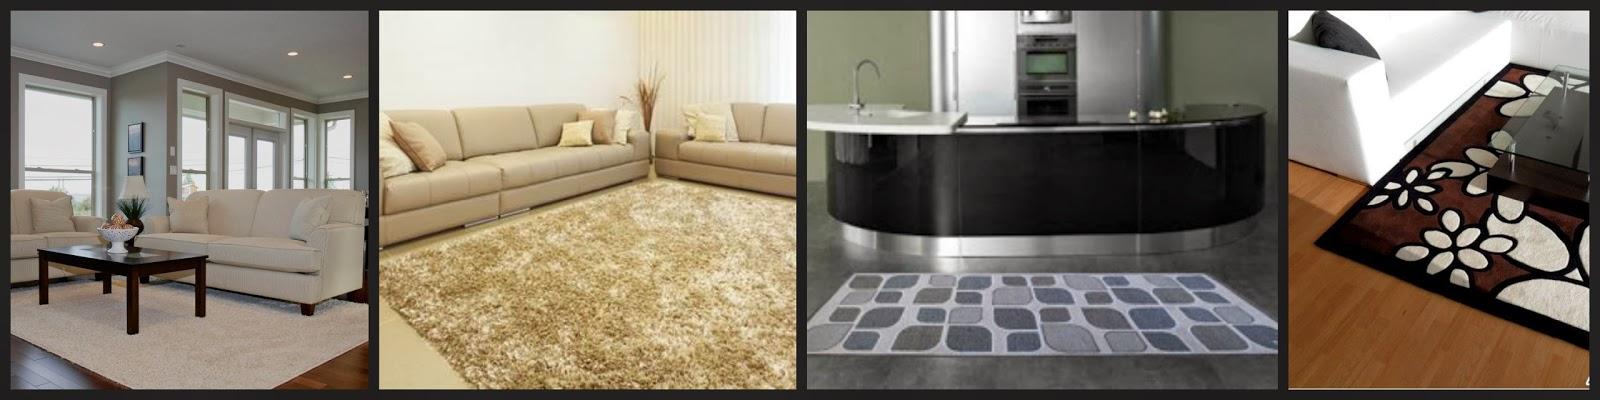 Come scegliere i tappeti per la vostra casa un for Tappeti per tavolo da pranzo